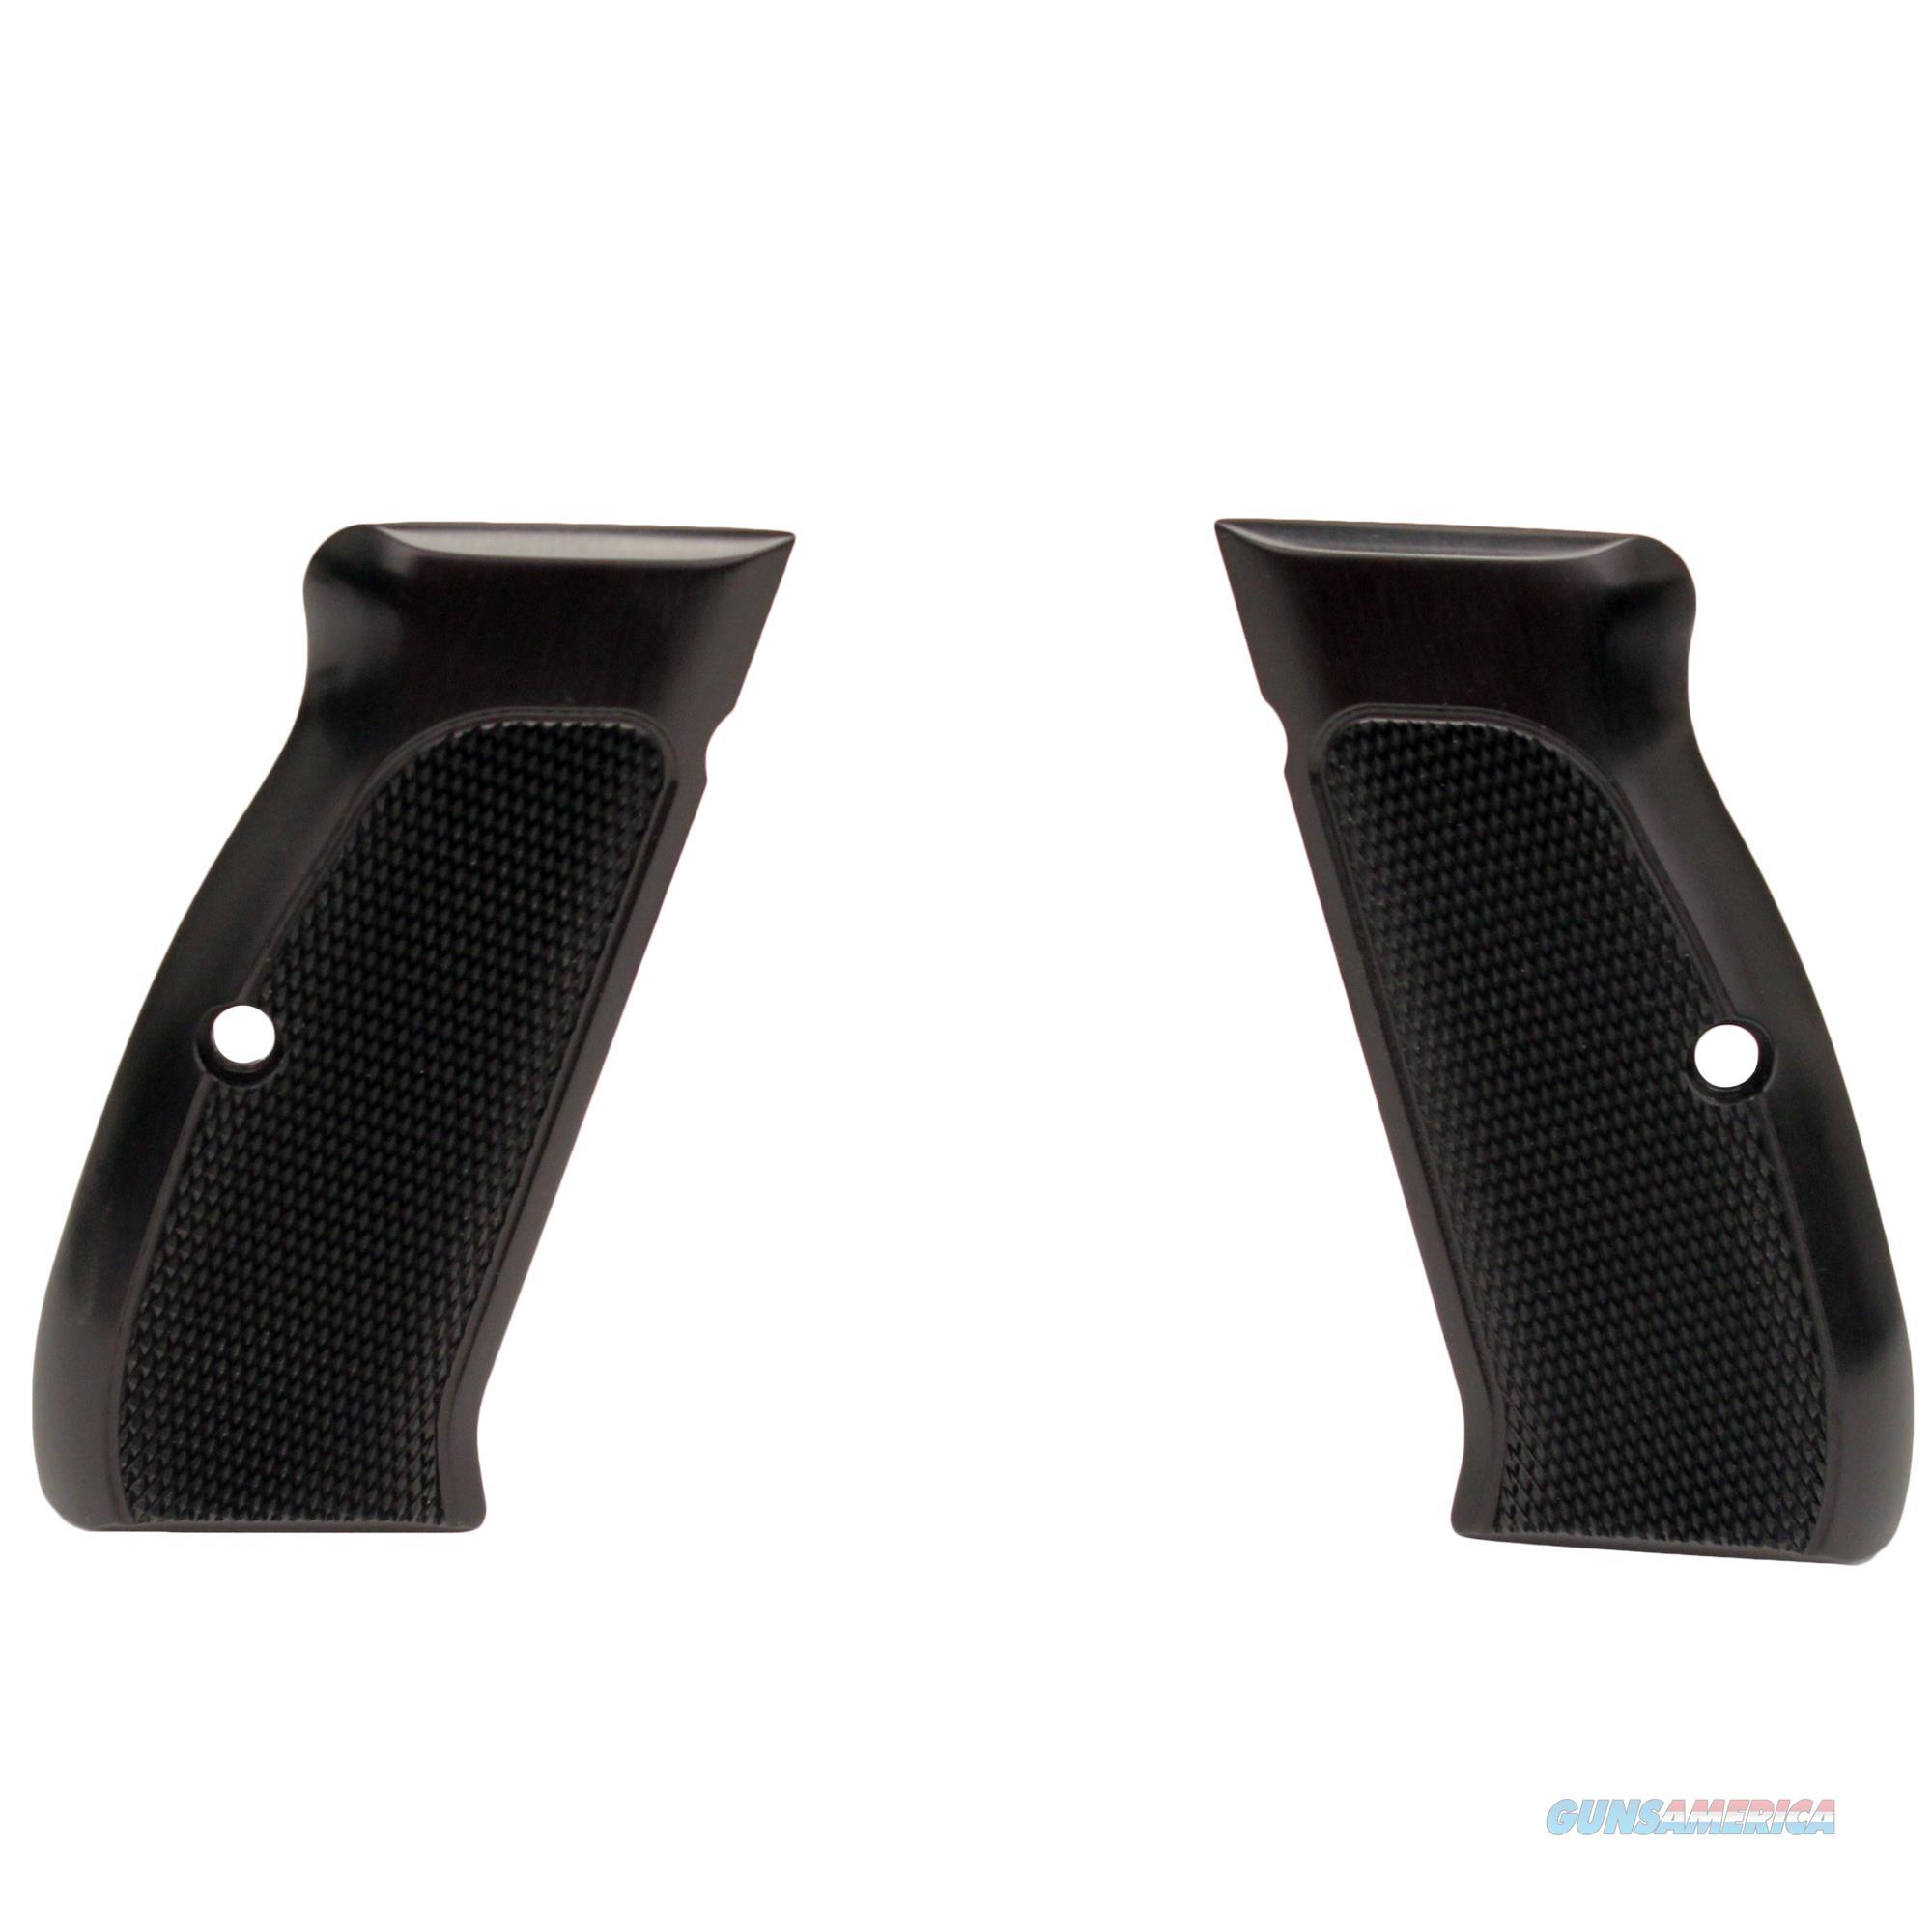 Hogue Cz-75/Cz-85 Grips 75176  Non-Guns > Gunstocks, Grips & Wood